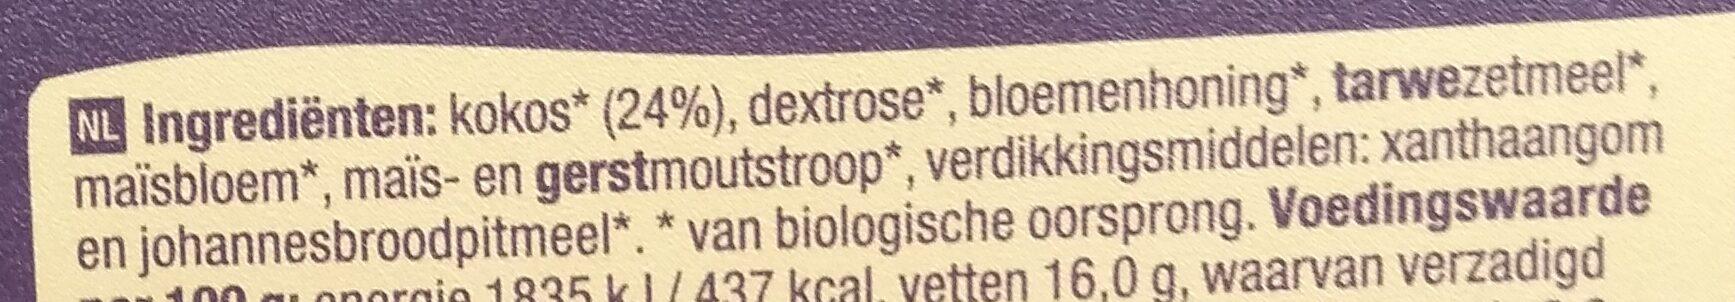 Kokosbrod - Ingredients - nl